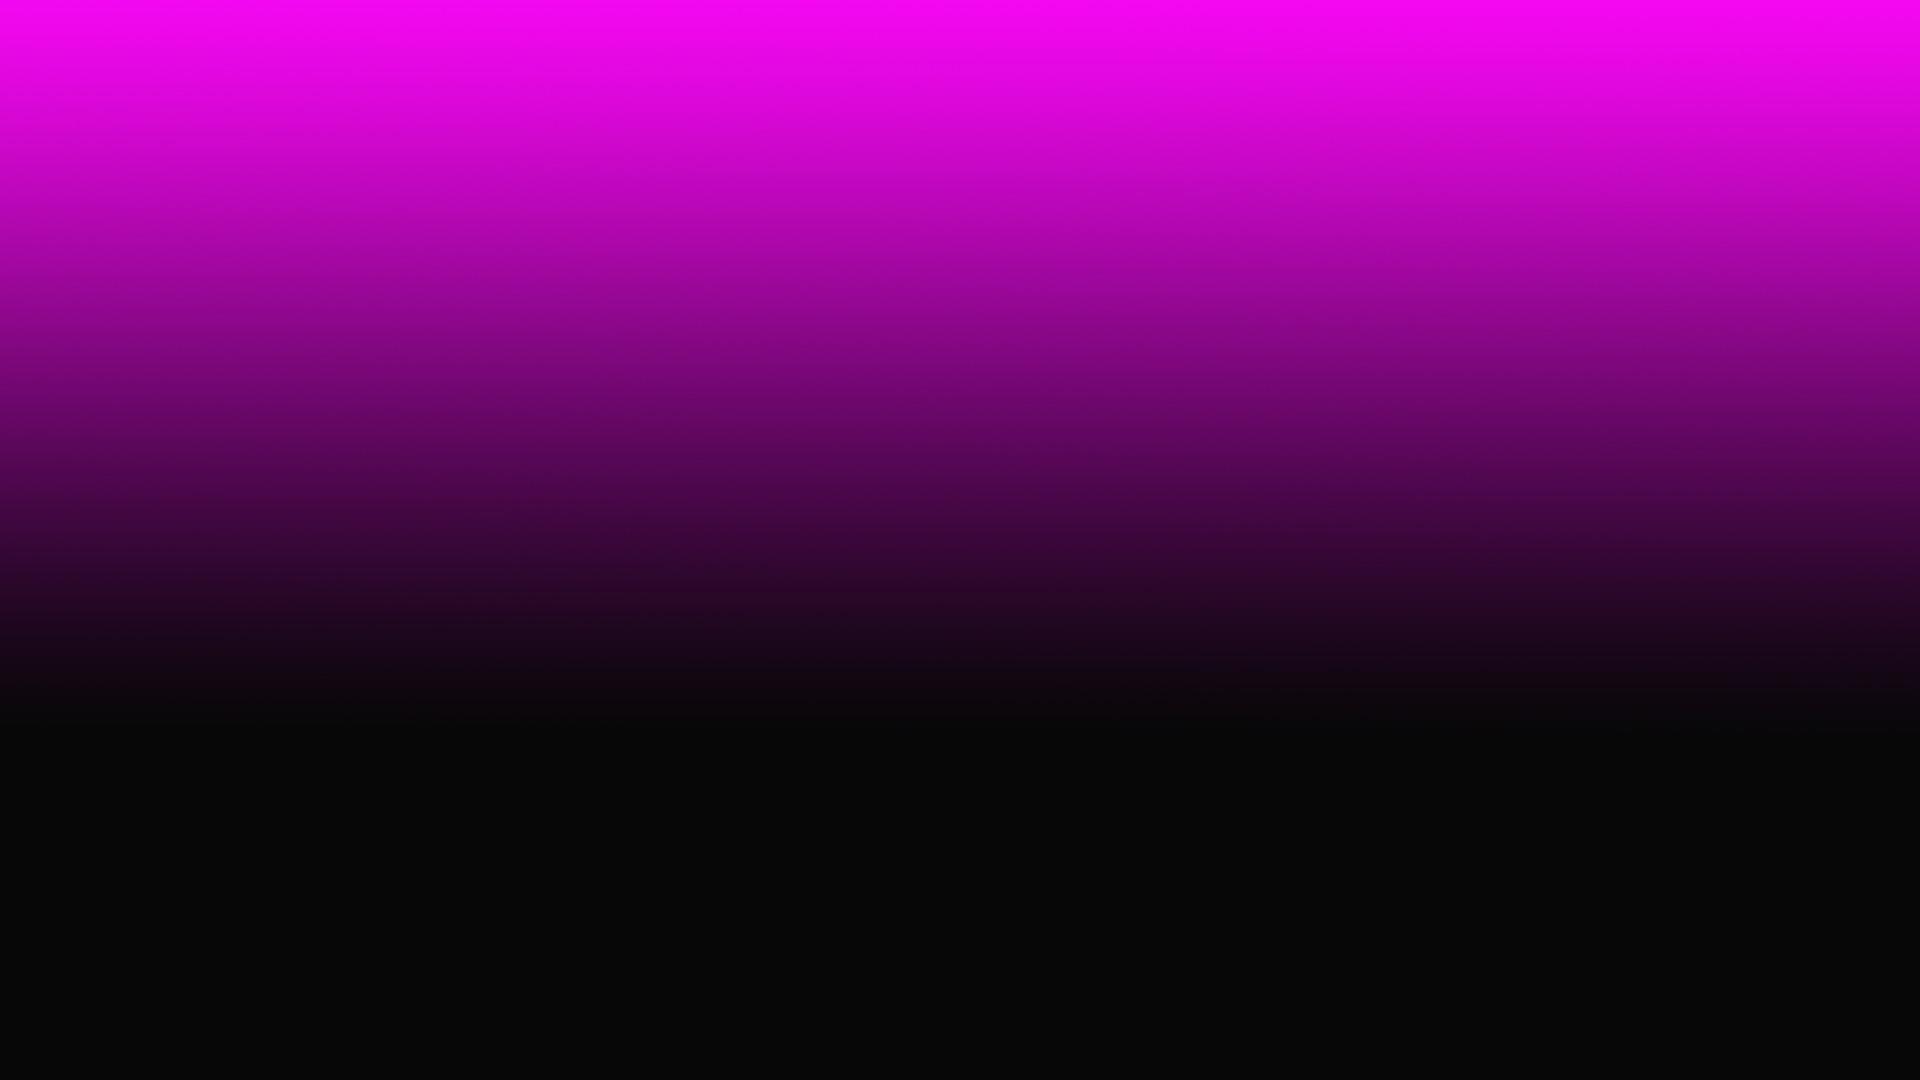 1920×1080 Pink and Black Gradient Desktop Wallpaper